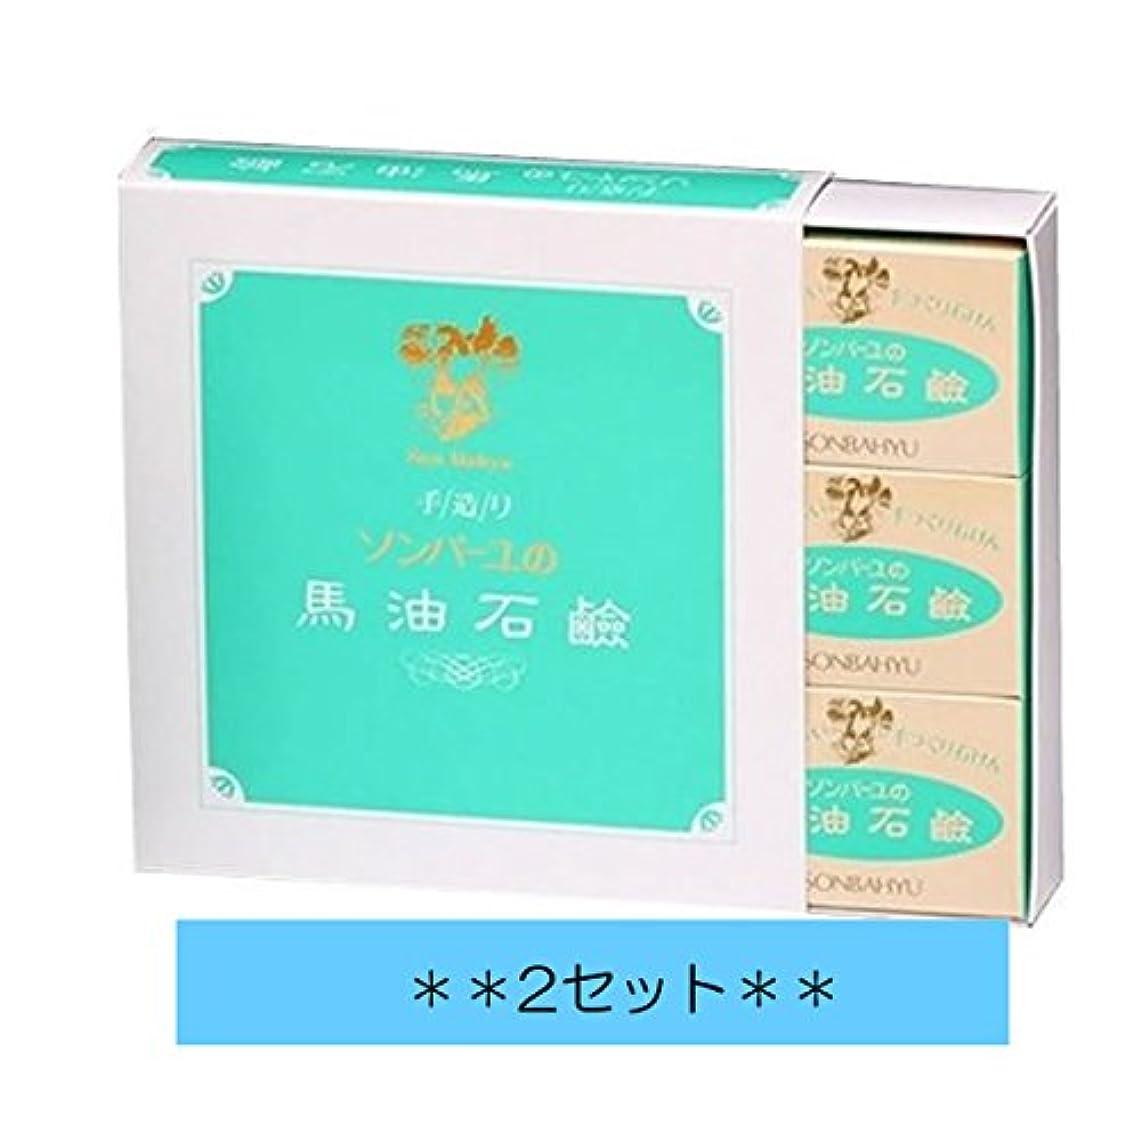 ホステス遺伝的複合【2箱セット】ソンバーユ石鹸 85g×6個